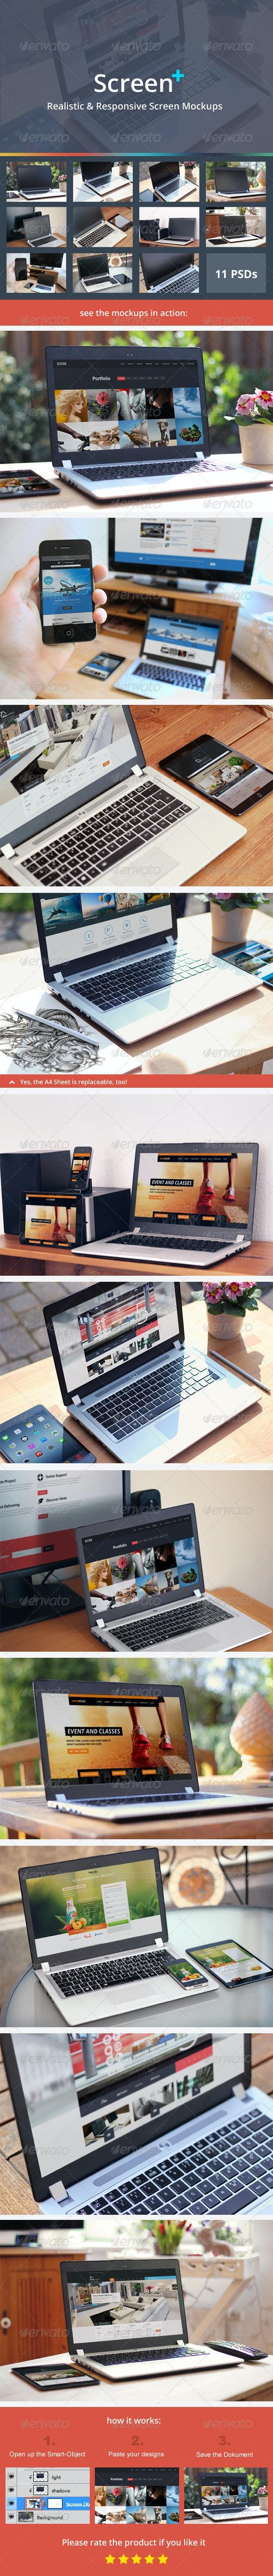 ScreenPlus - Realistic & Responsive Screen Mockups - Multiple Displays